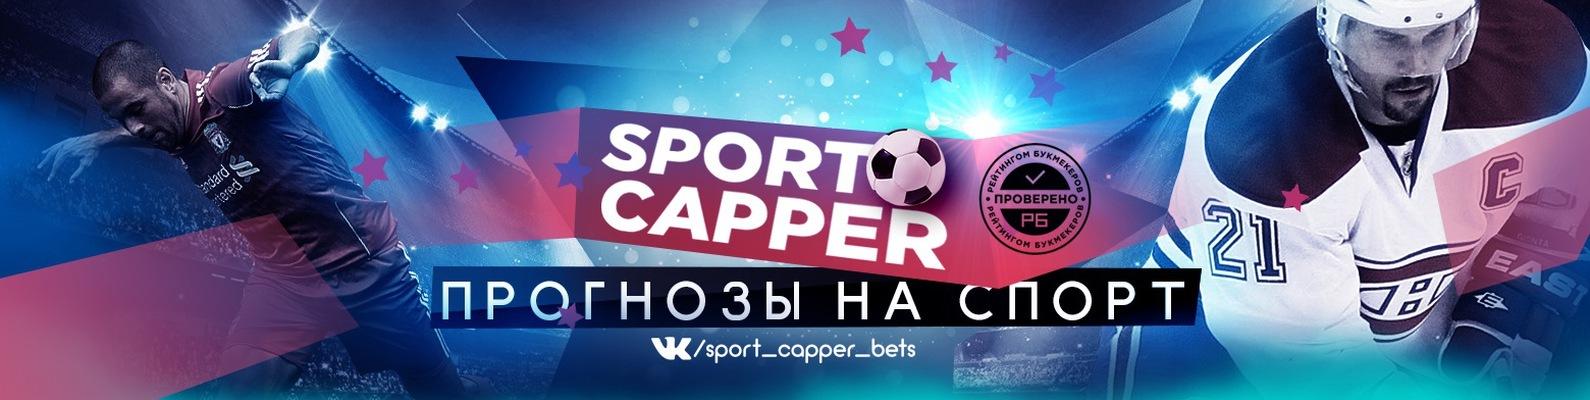 Прогнозы на спорт capper